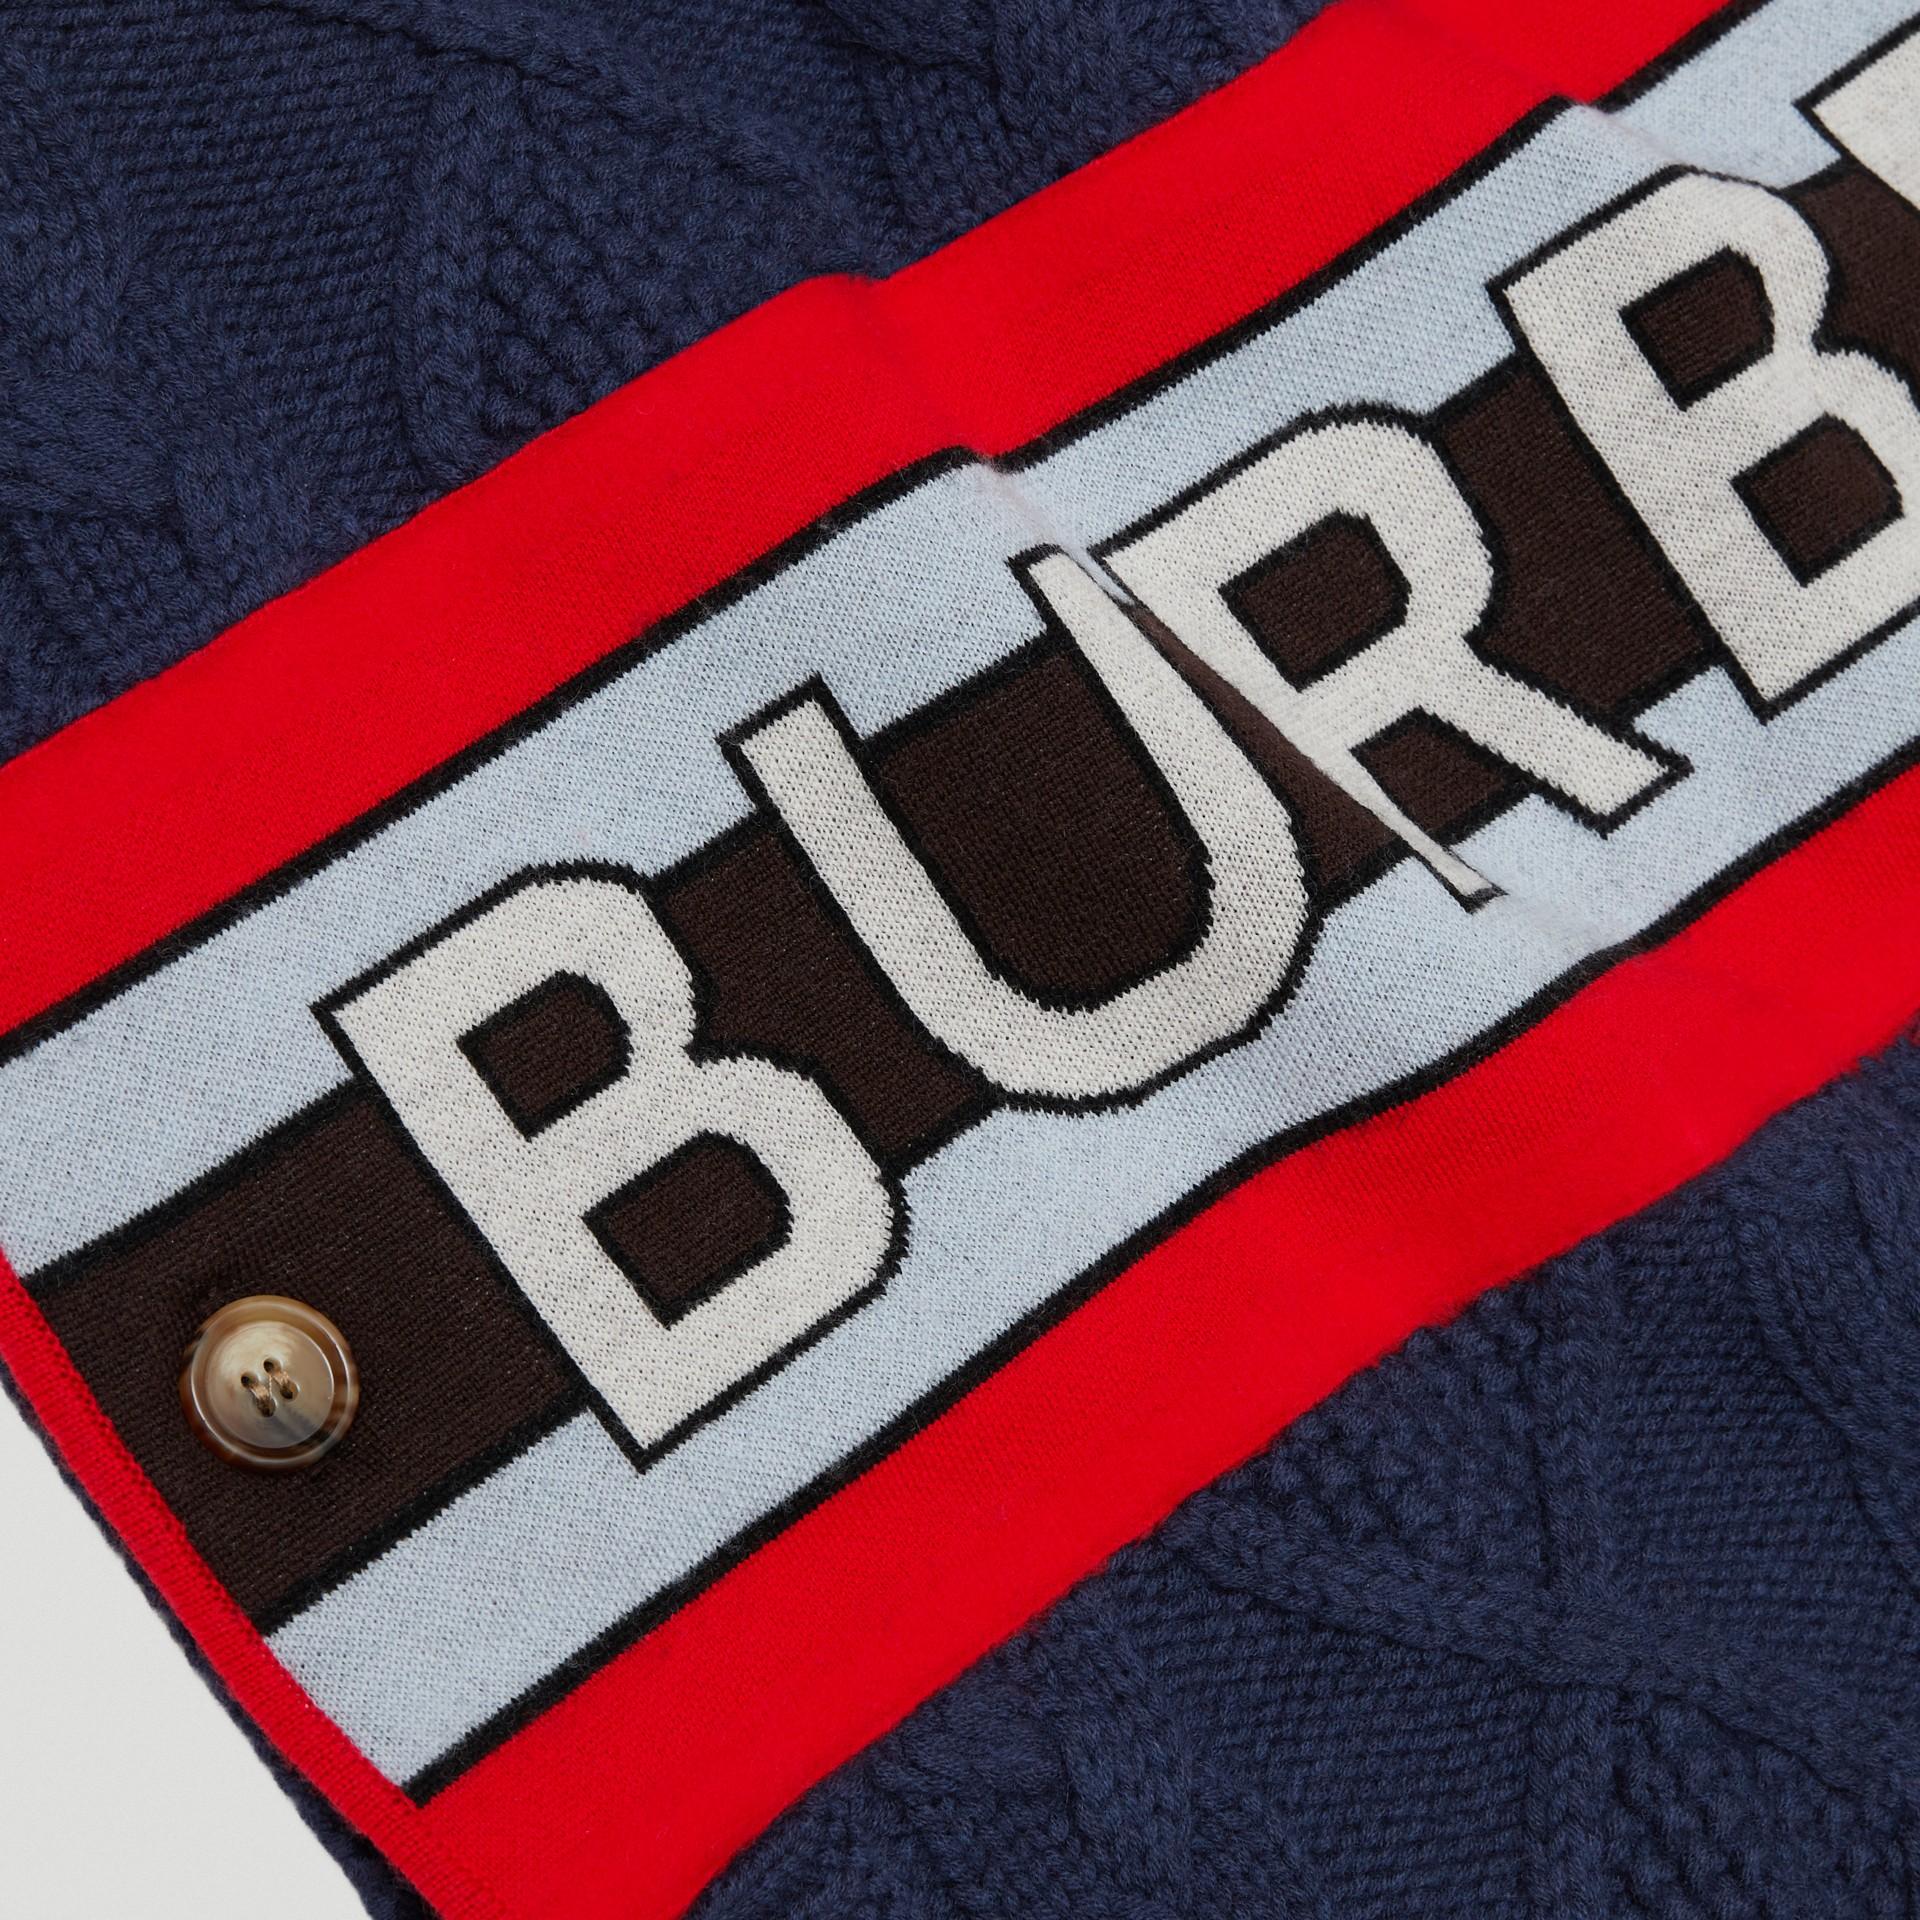 로고 패널 케이블 니트 울 캐시미어 판초 (네이비) | Burberry - 갤러리 이미지 1